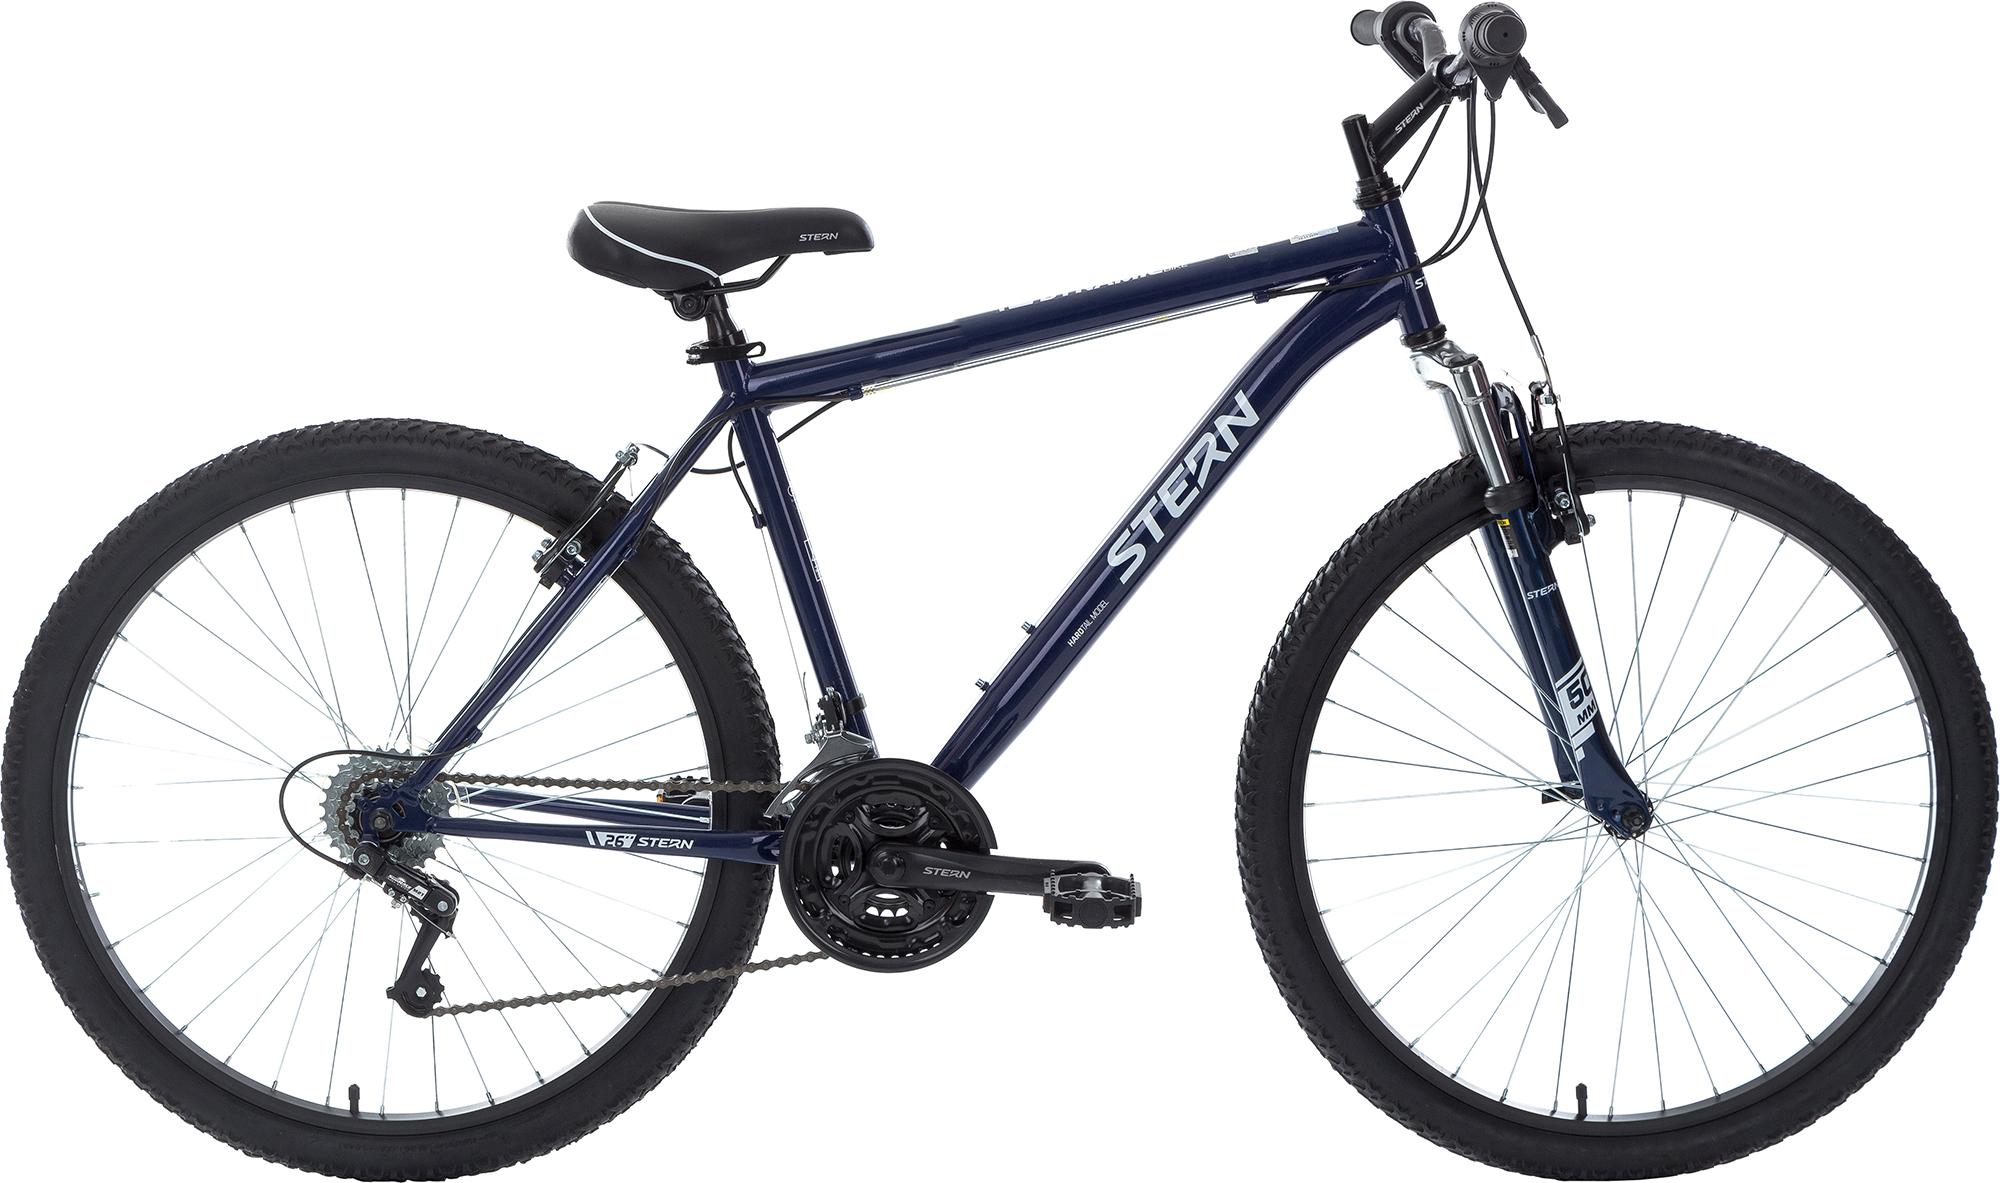 Stern Stern Dynamic 1.0 26 (2018) stern велосипед горный stern dynamic fs 1 0 26